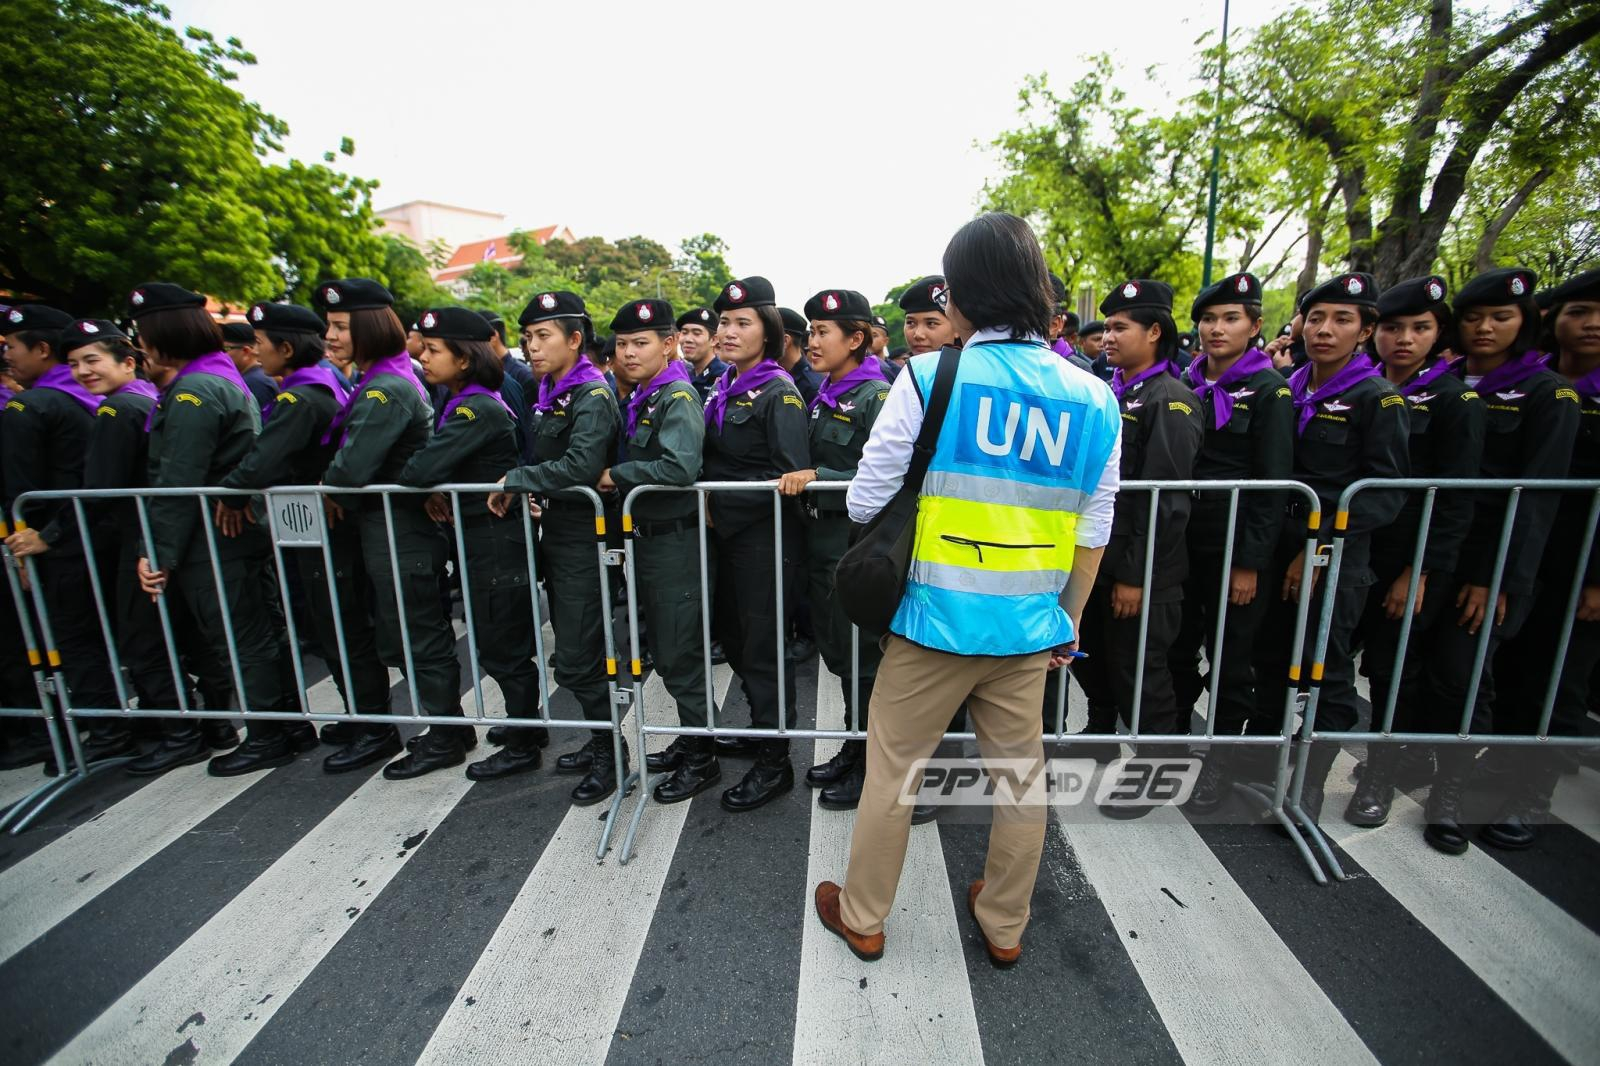 """UN แถลงให้ปล่อยตัวแกนนำ """"กลุ่มคนอยากเลือกตั้ง"""""""